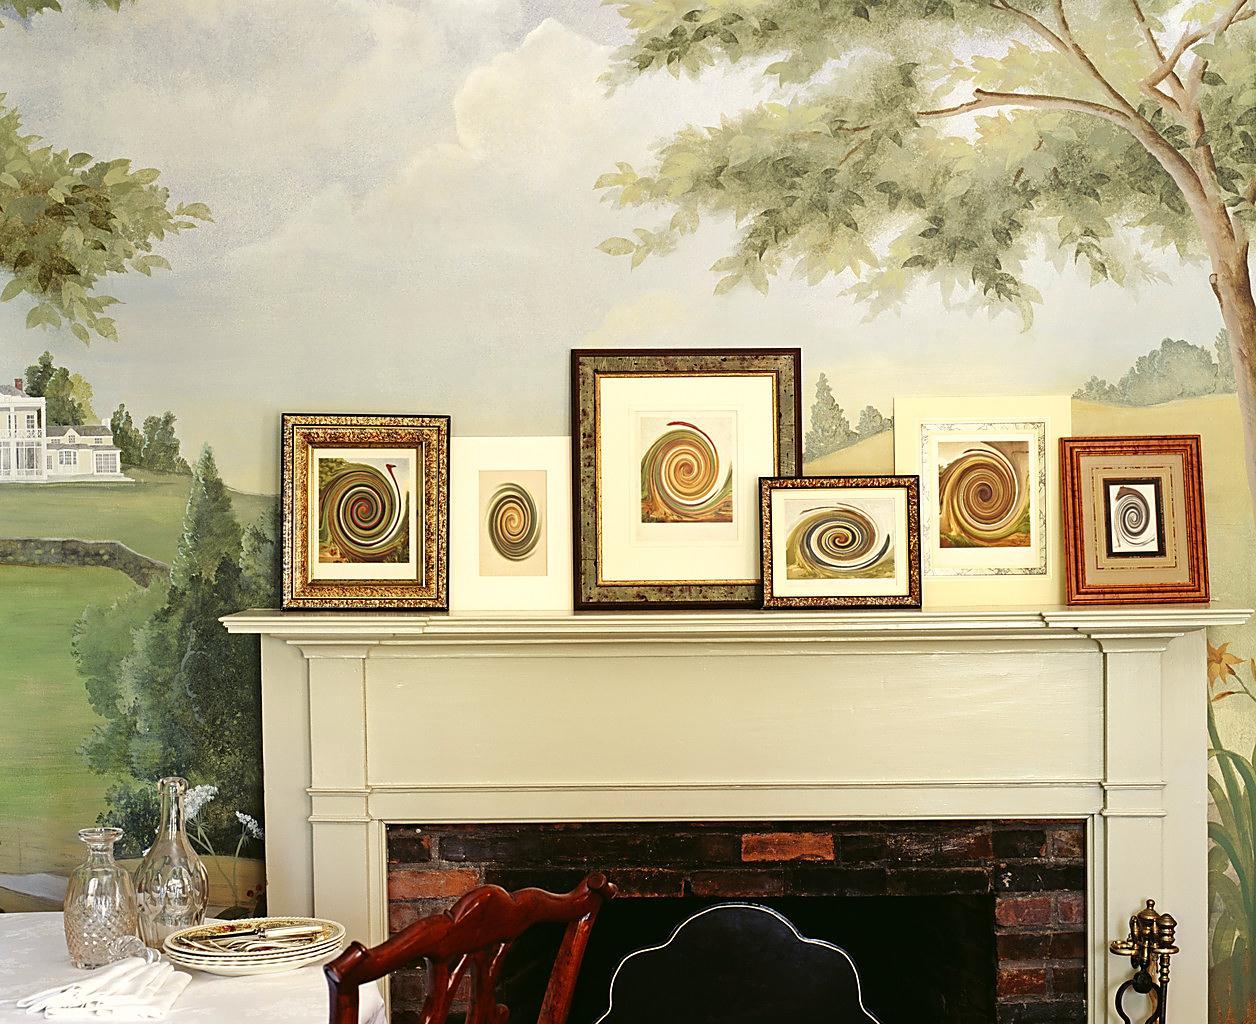 Guest Blog: 4 Unique Fireplace Decoration Trends